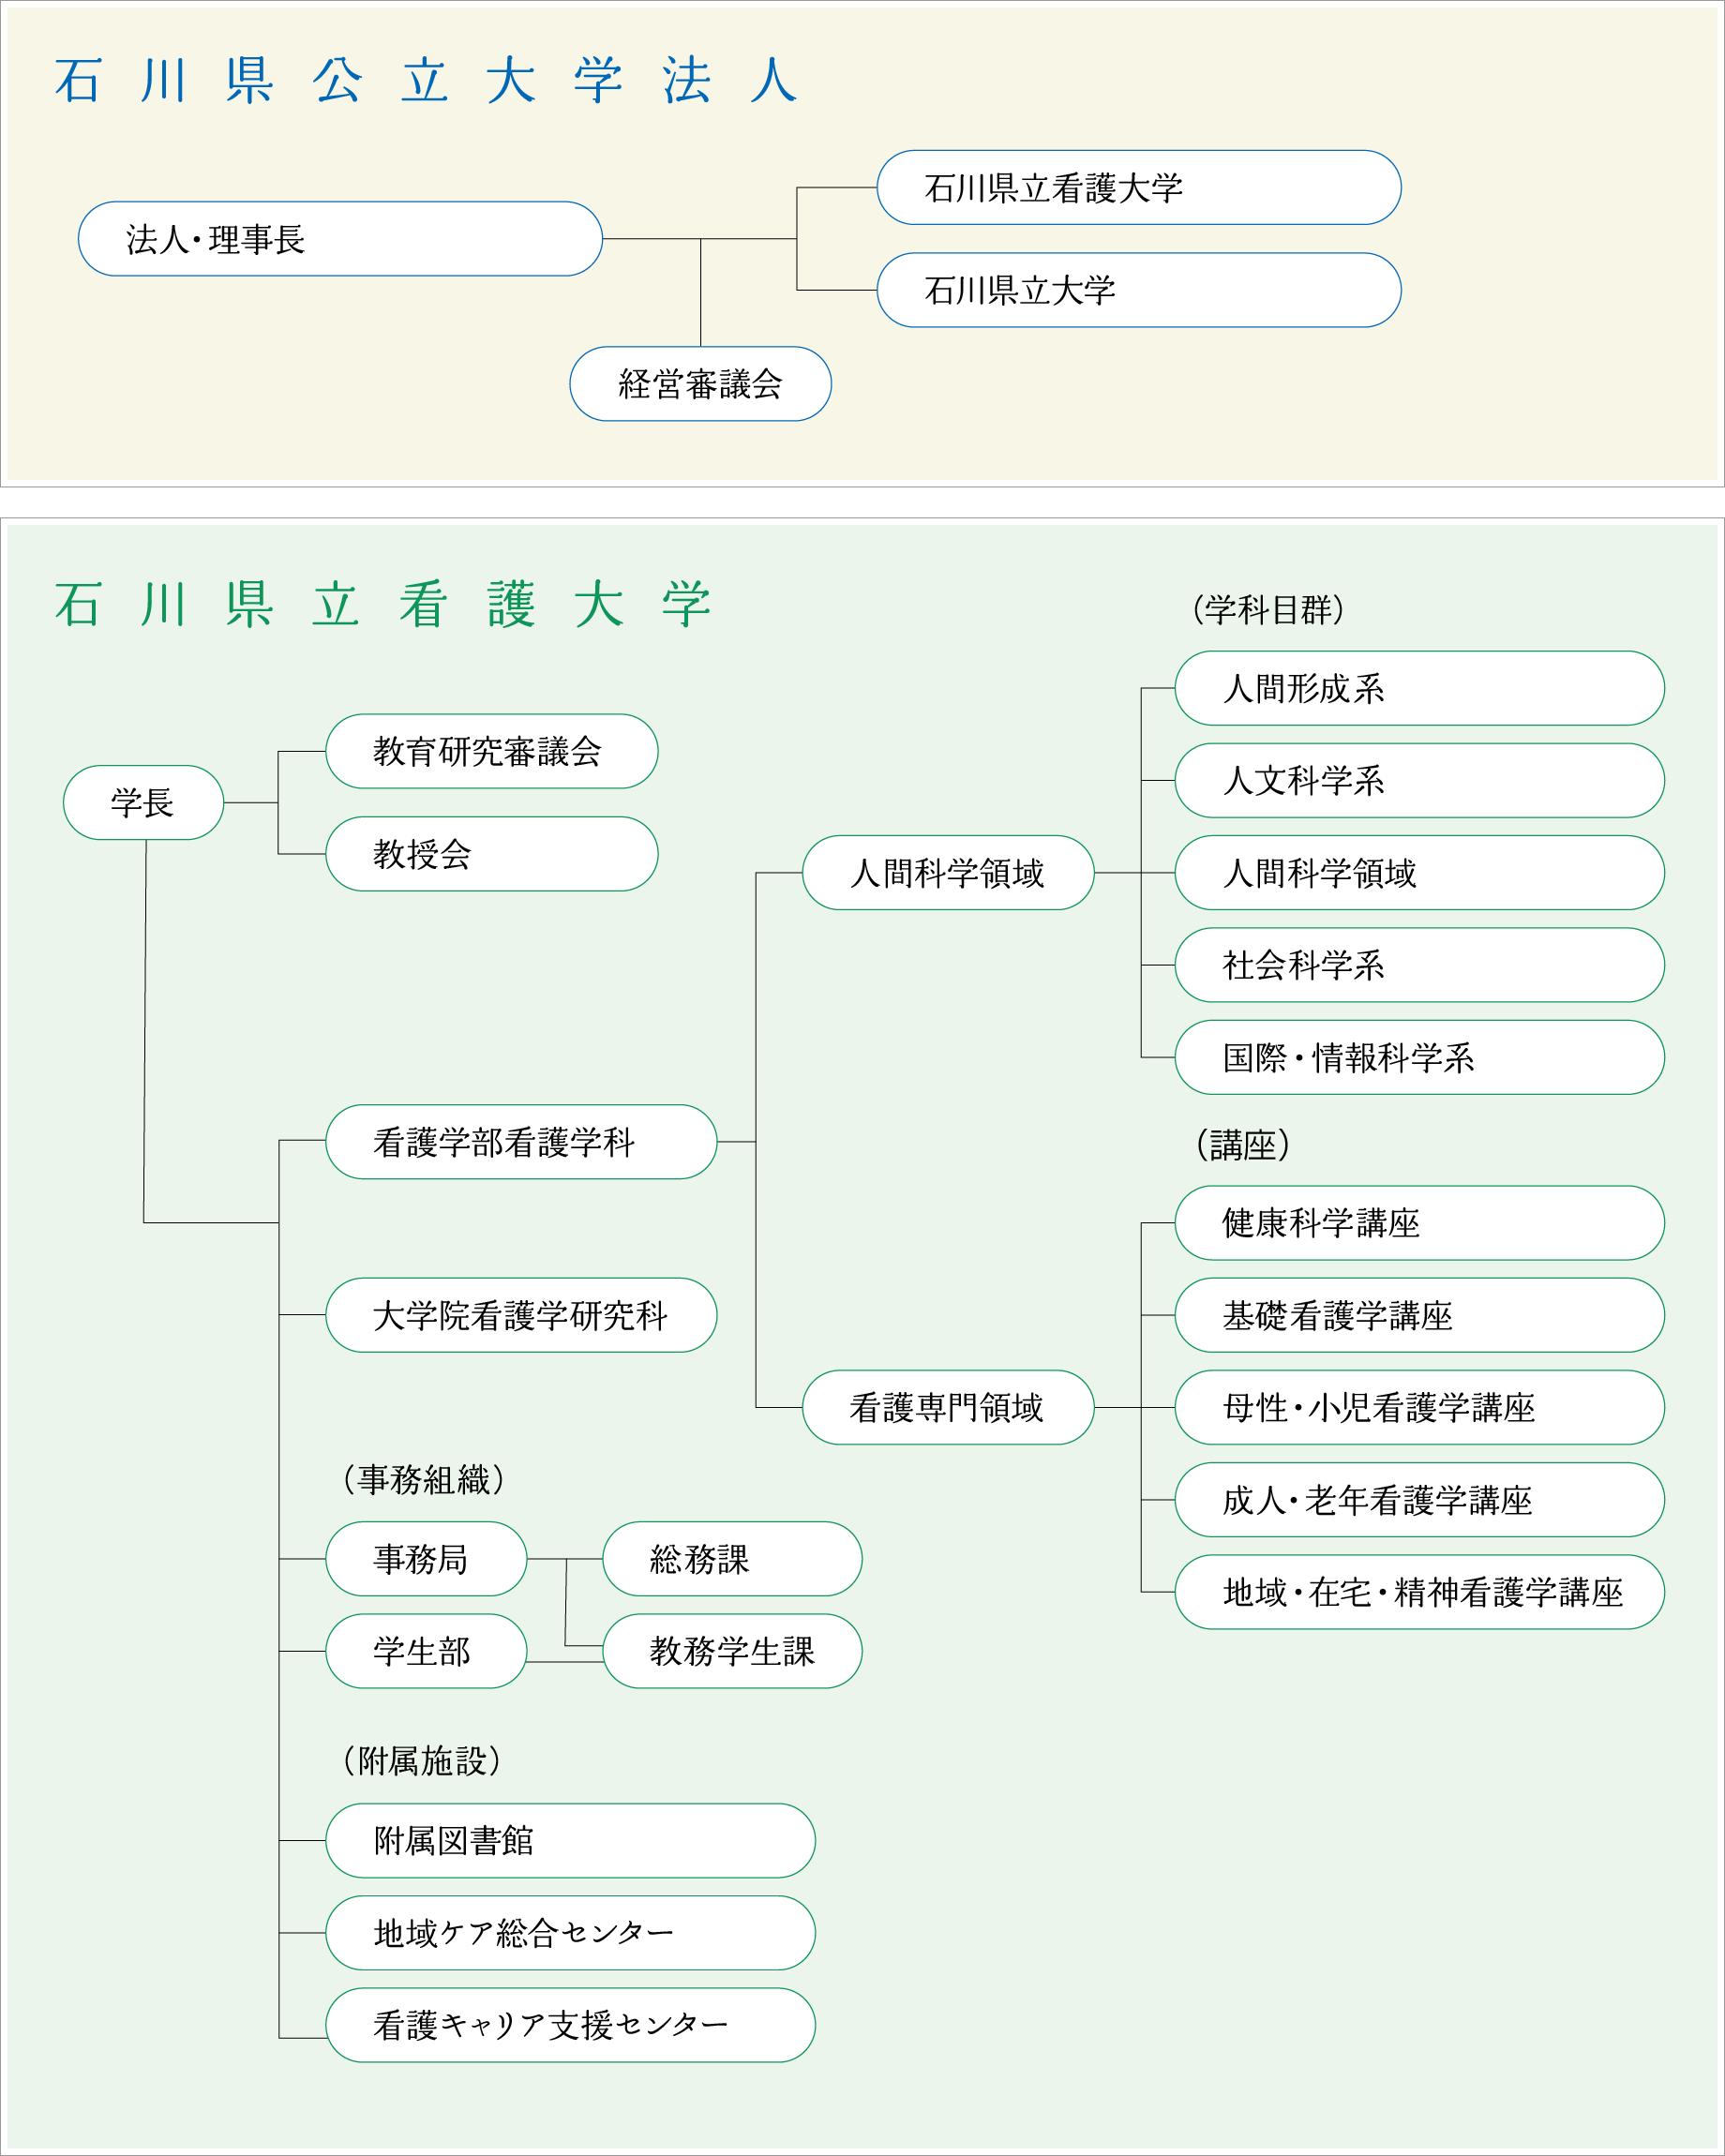 石川県立看護大学組織図